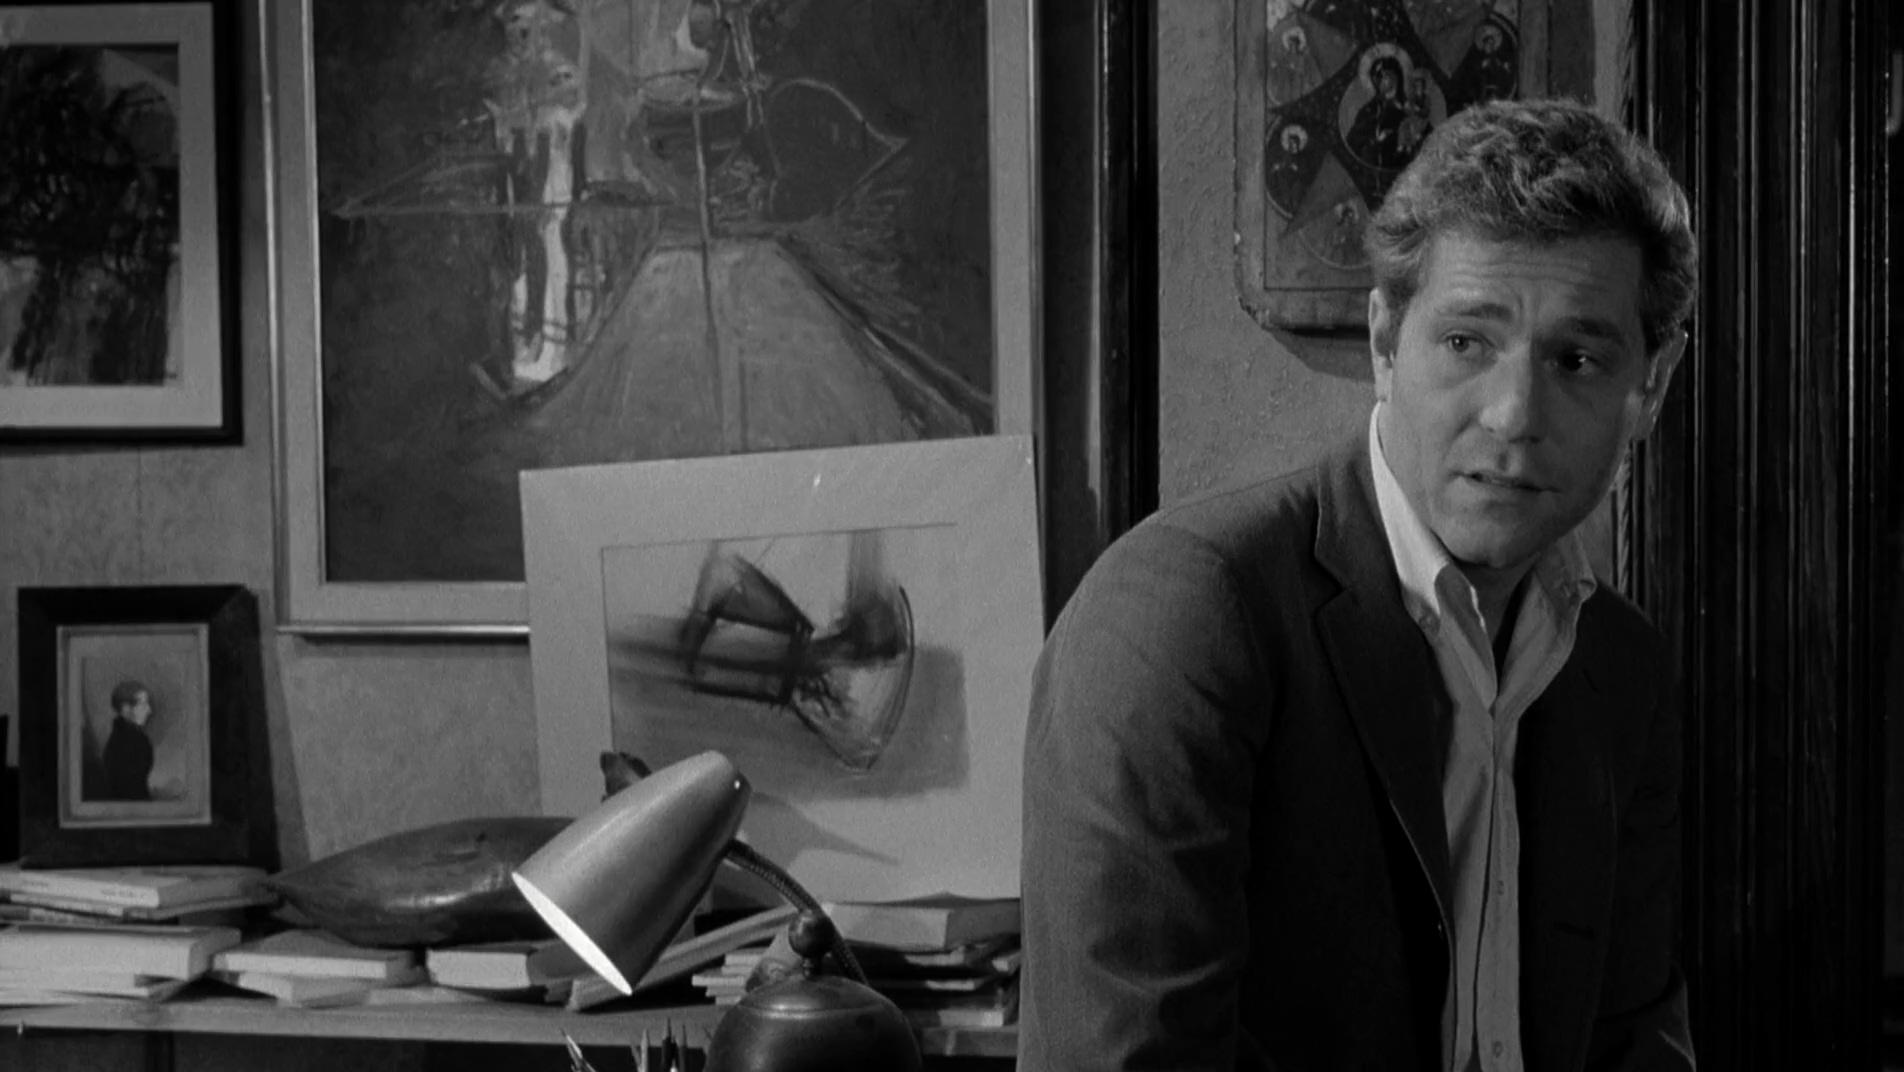 George Segal in Who's Afraid of Virginia Woolf? (1966)